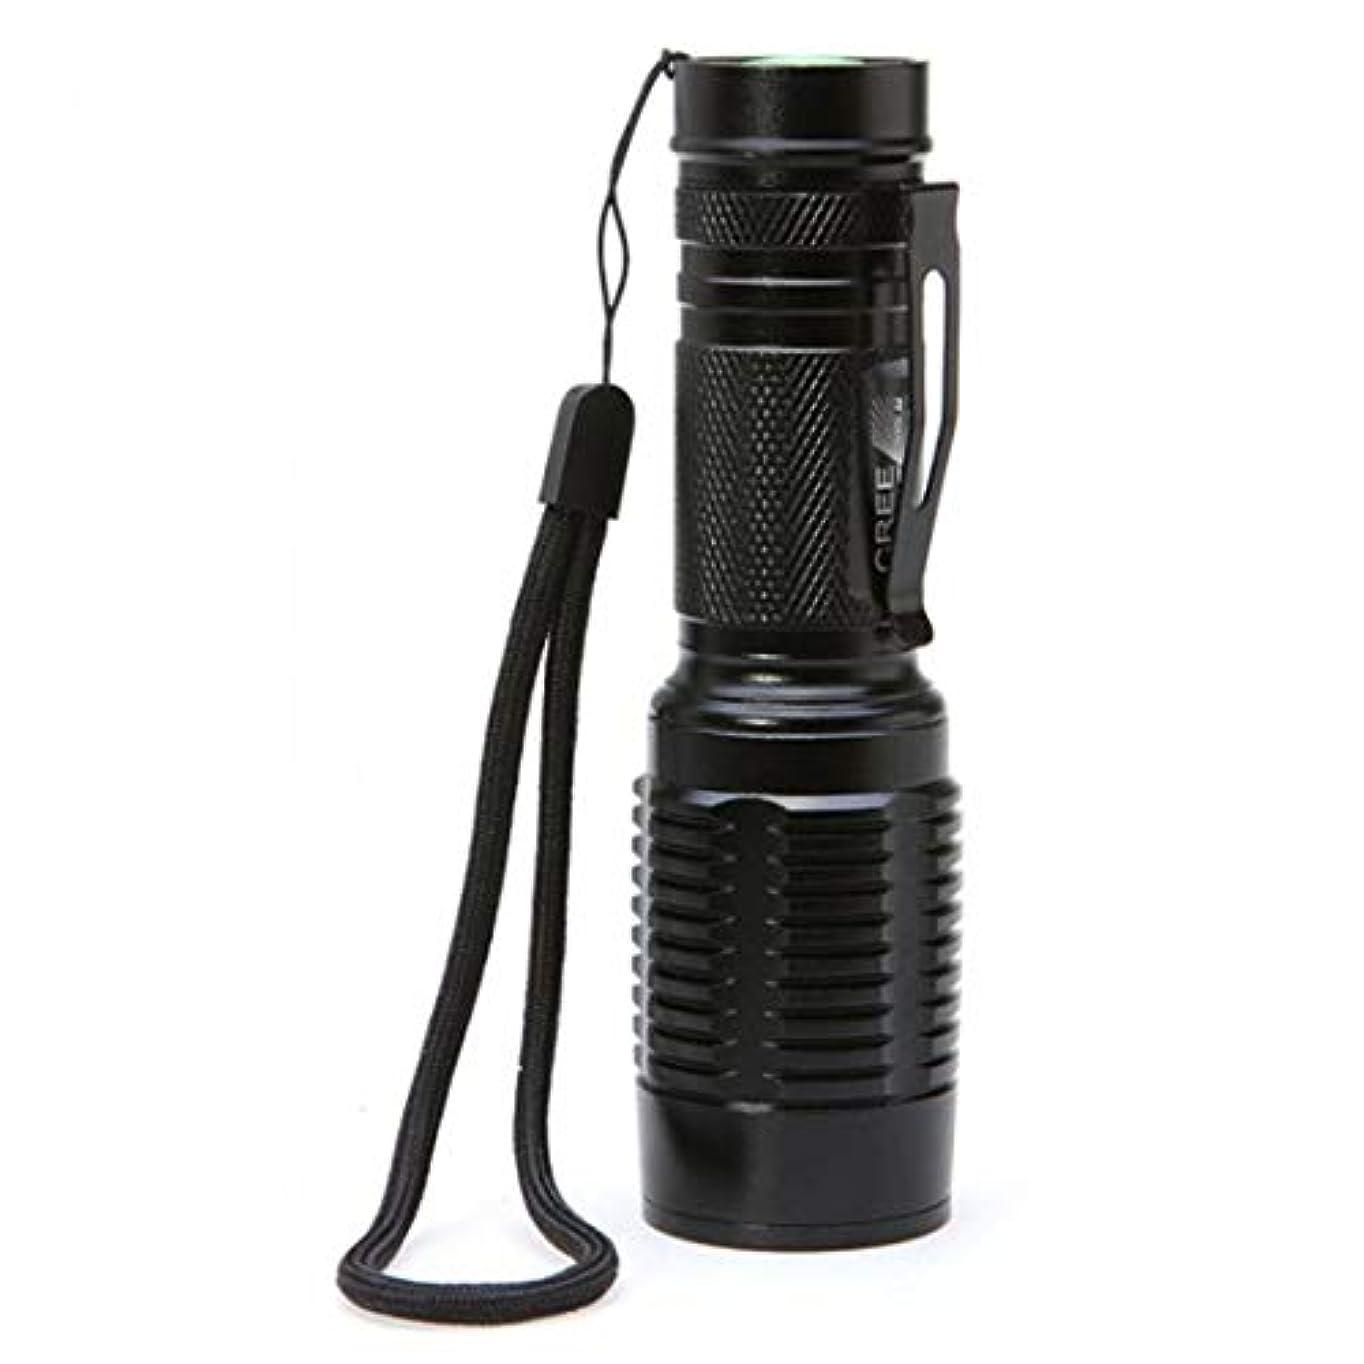 風景スリップシューズ登録するノウ建材貿易 懐中電灯多機能LEDズームズーム屋外光キャンプランプ毎日の使用 (色 : 黒)